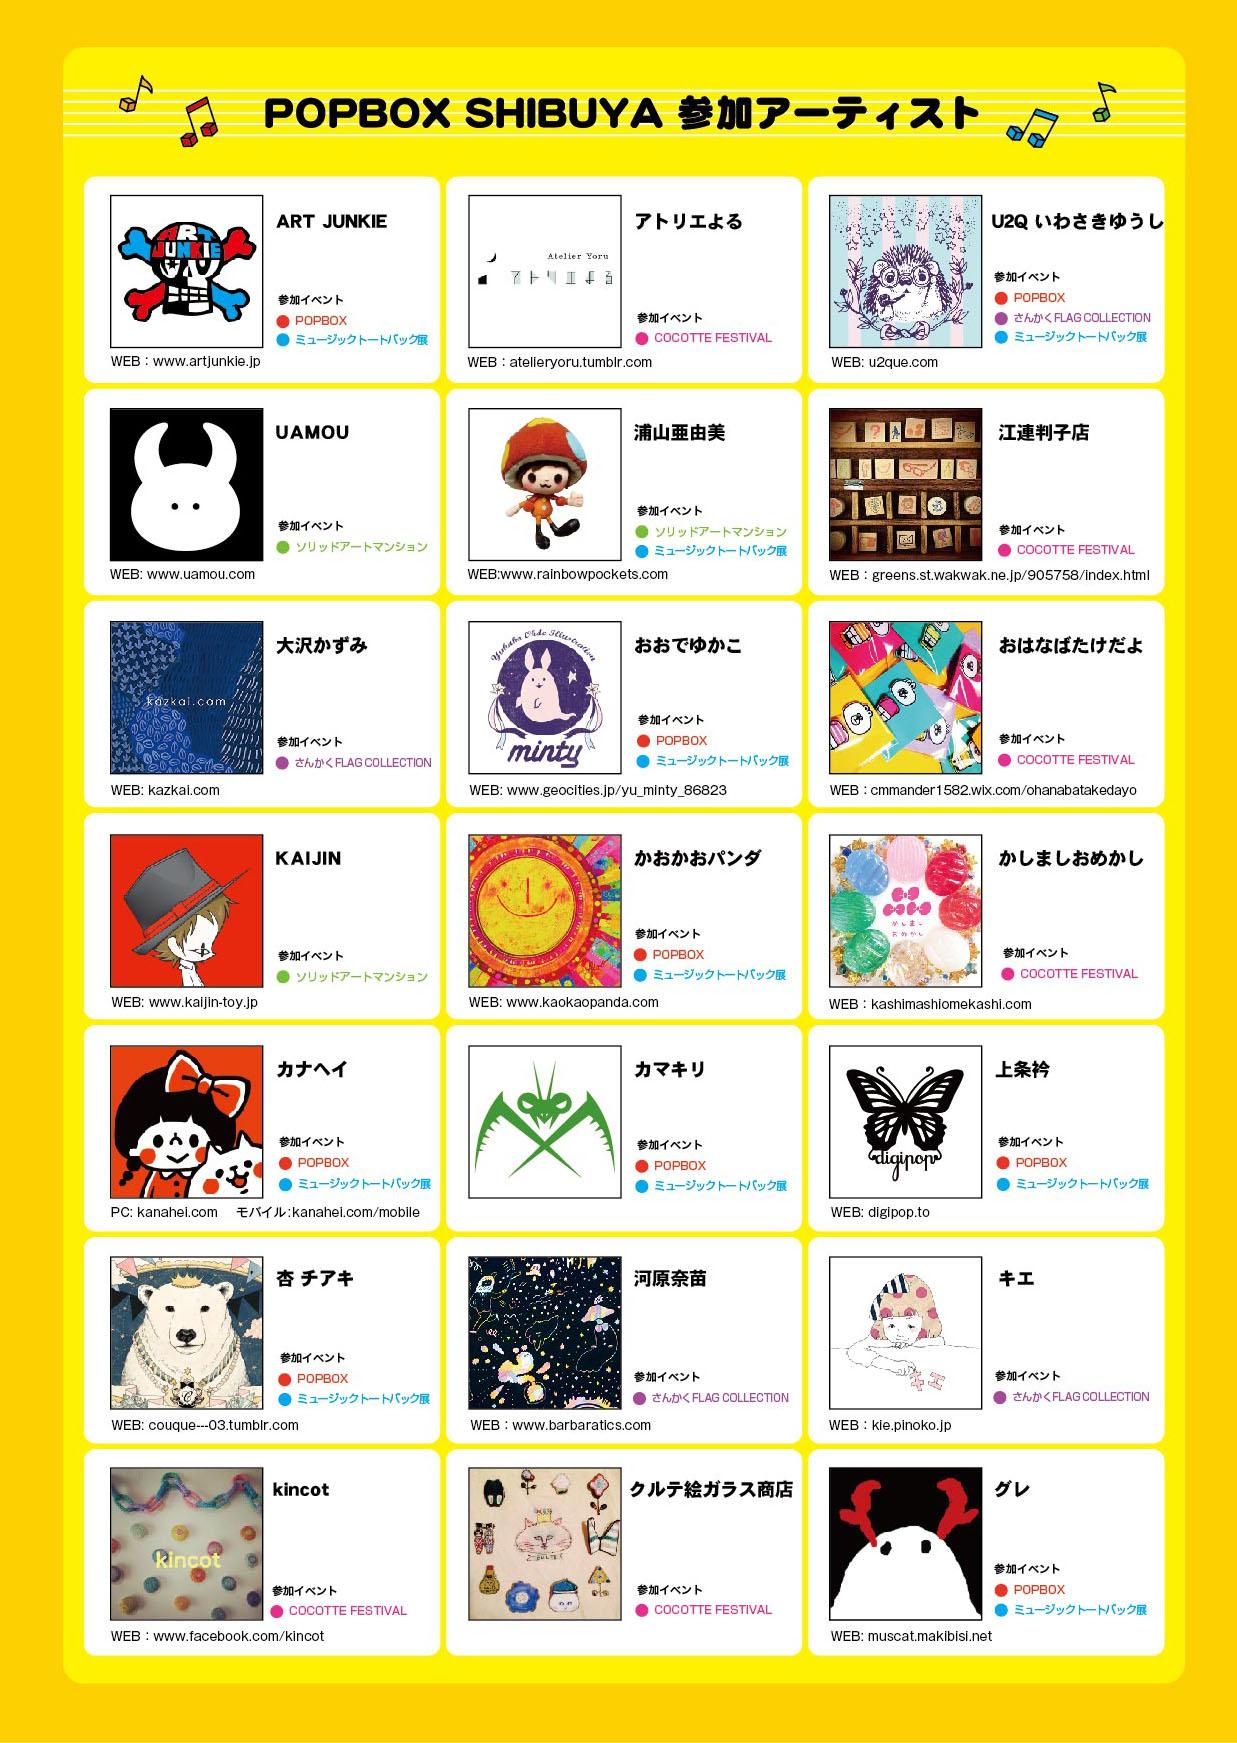 渋谷POPBOX、ココットマーケット開催のお知らせです。_f0010033_15475617.jpg